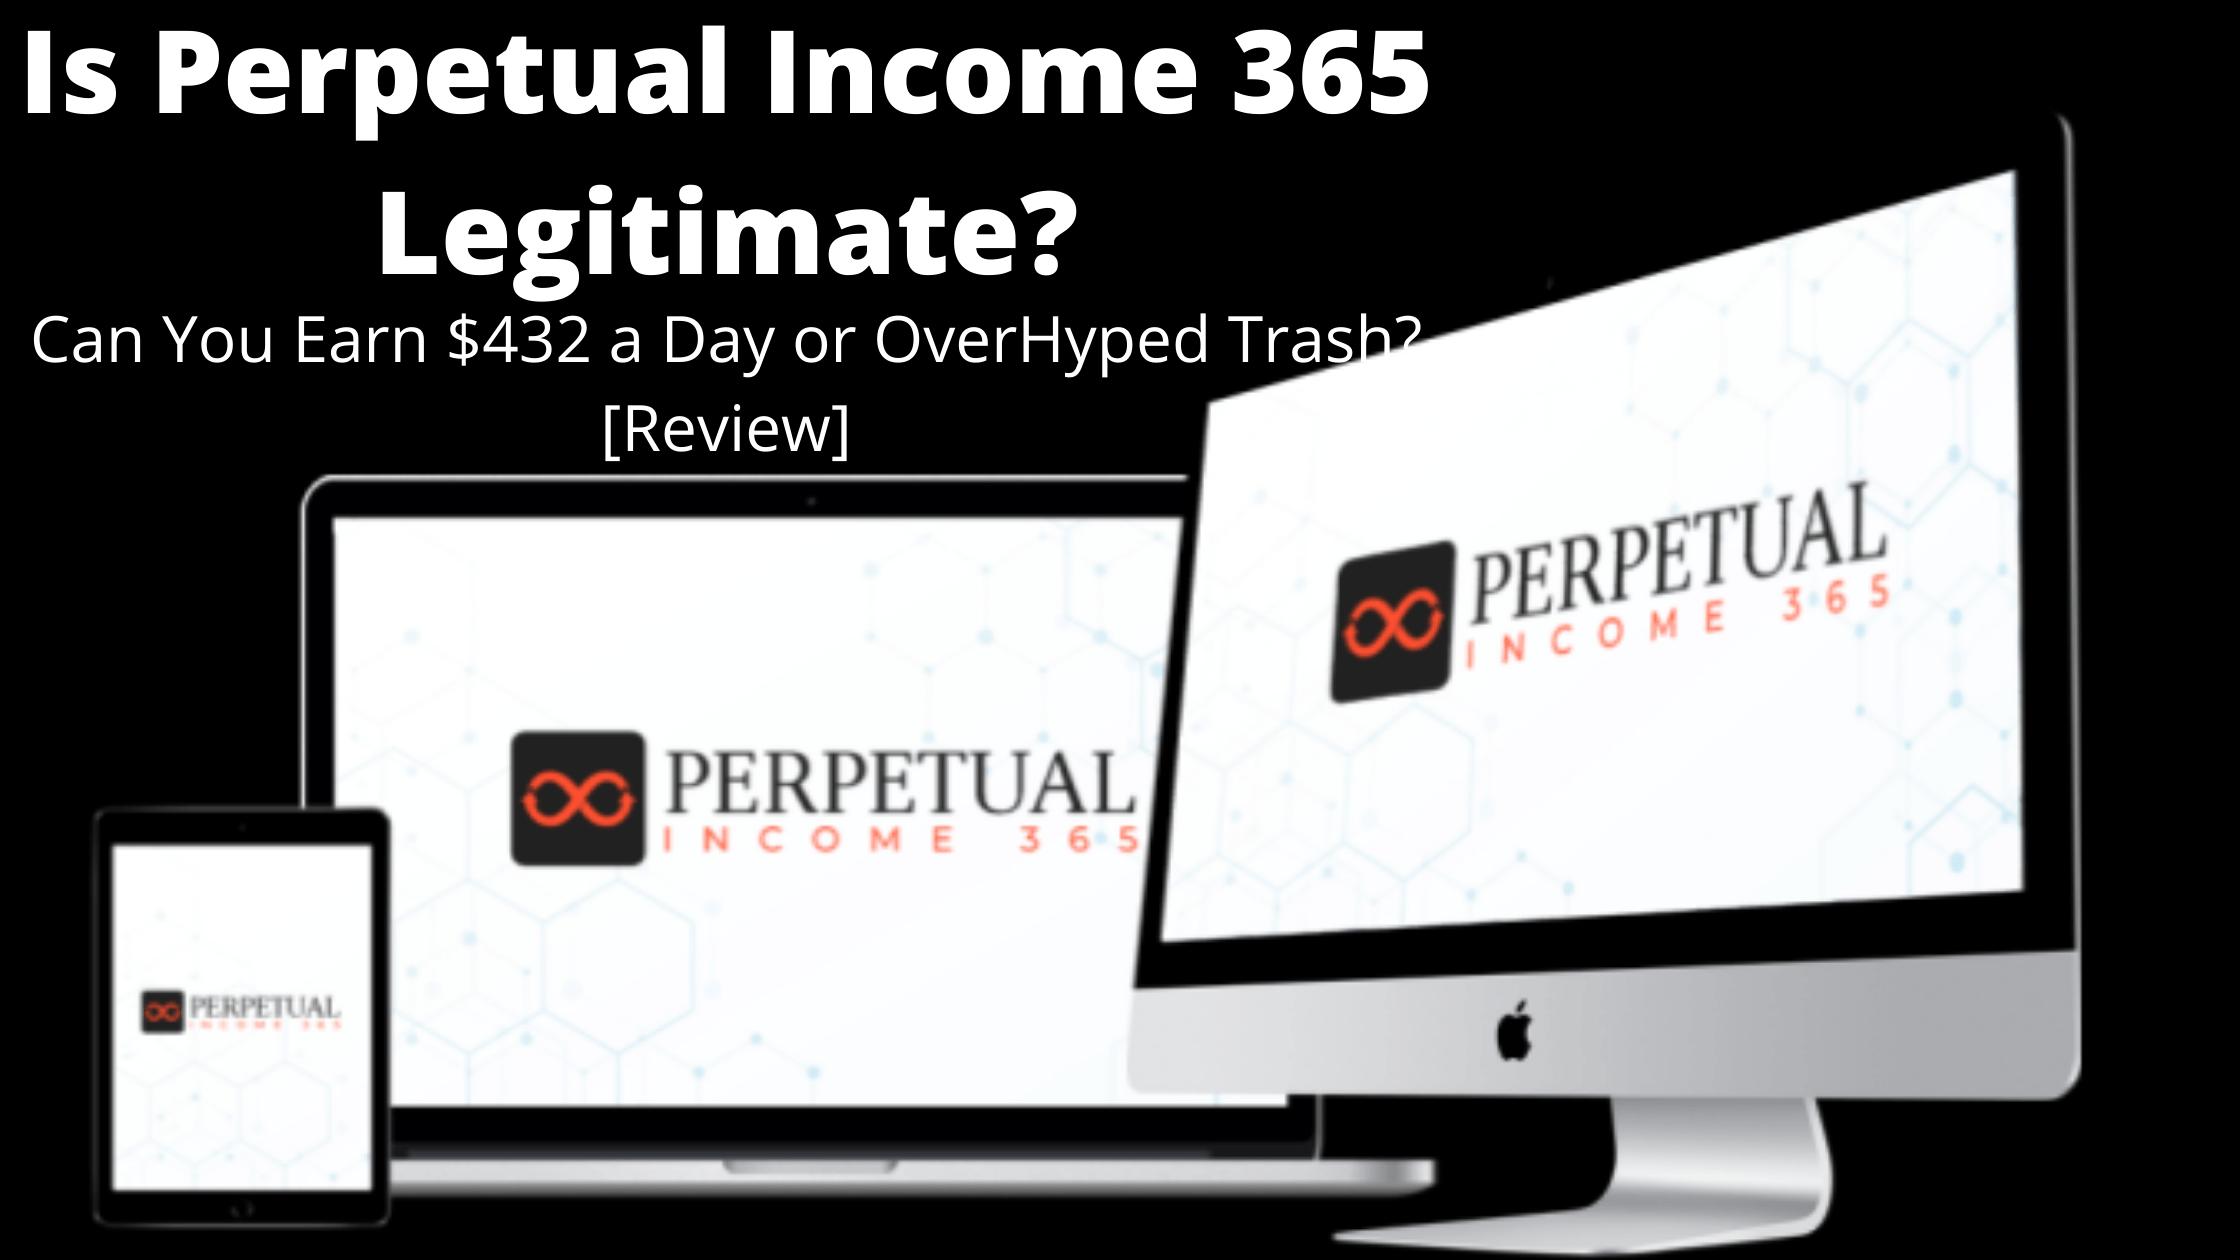 Is Perpetual Income 365 Legitimate